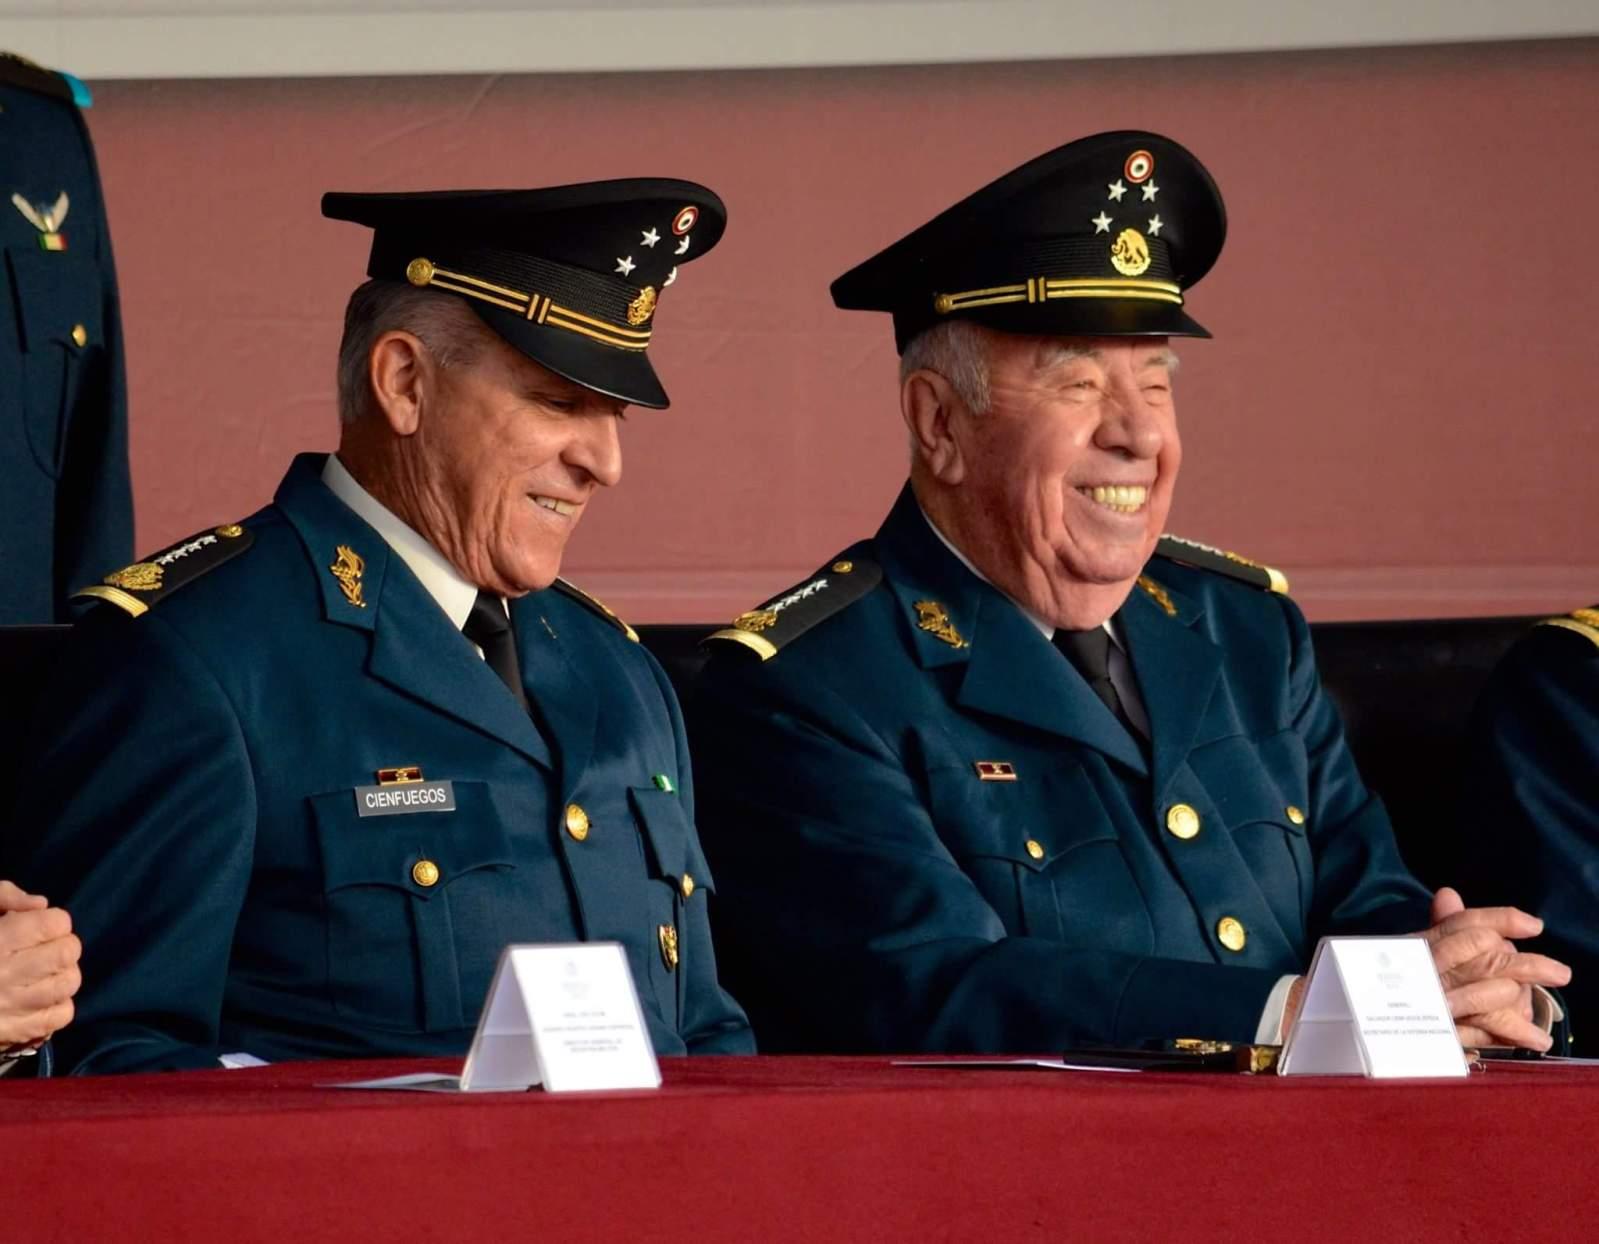 Industria Militar en Mexico - Página 3 S42mux